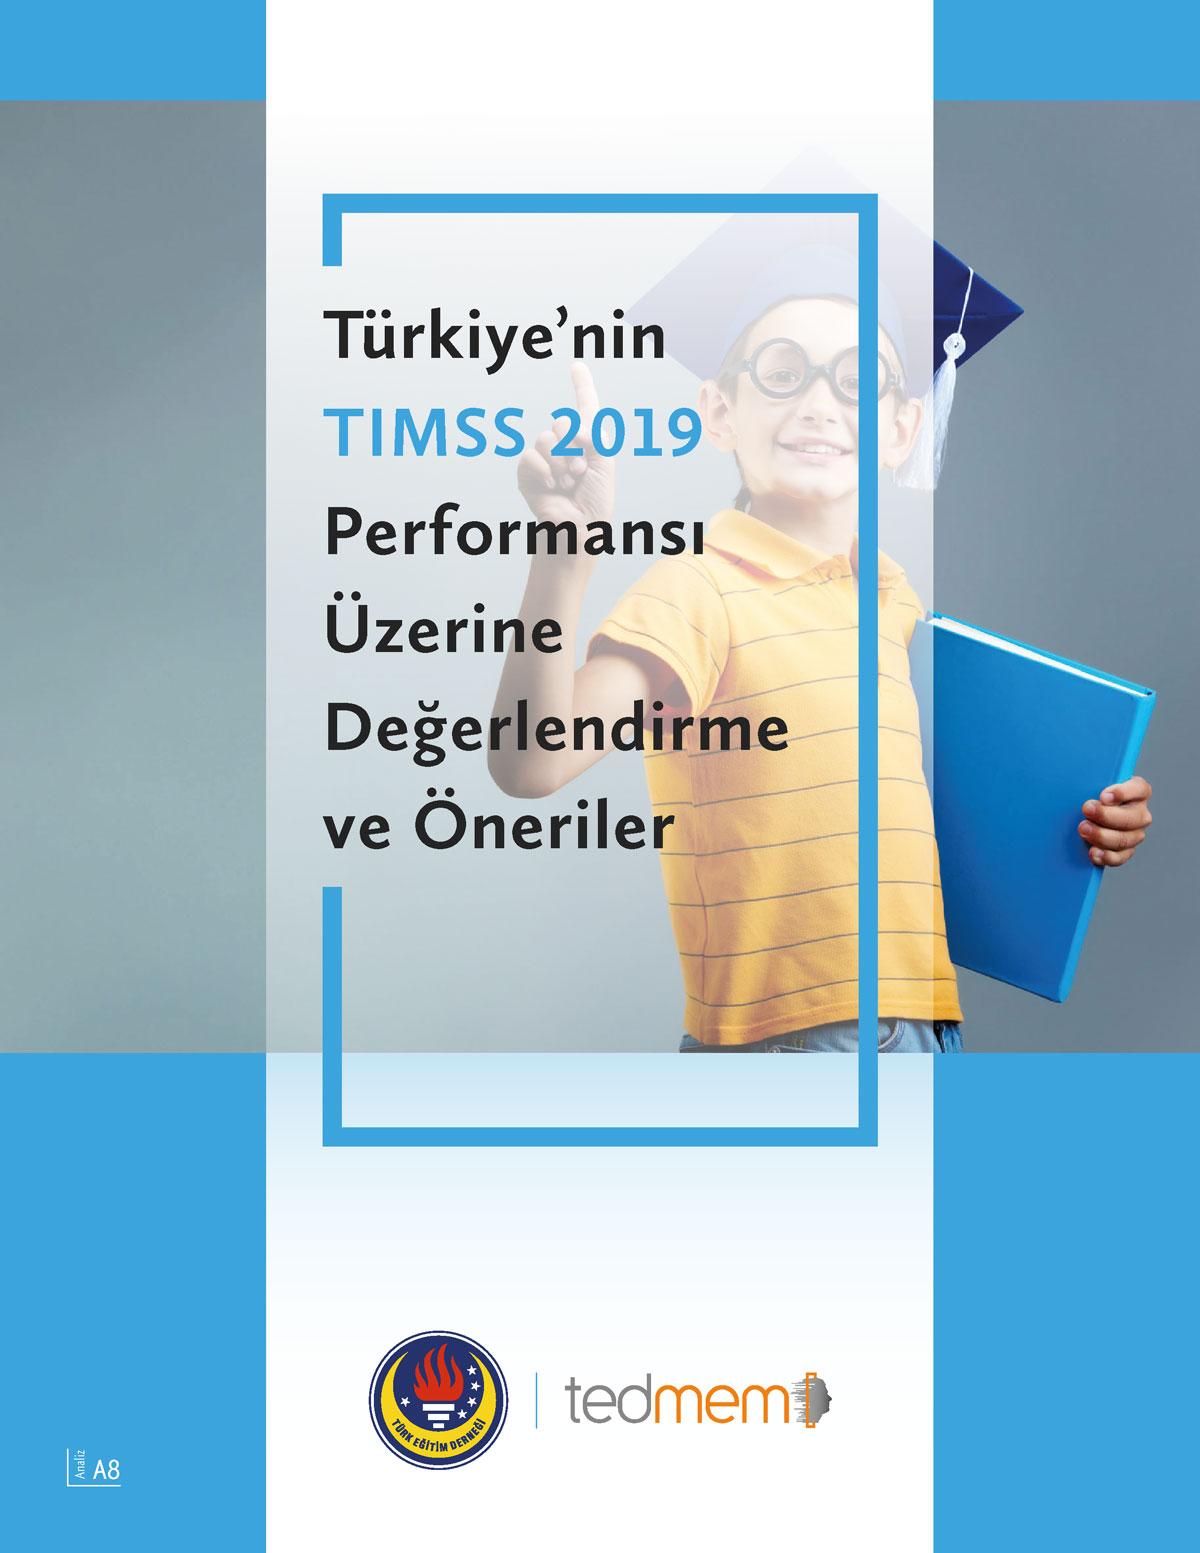 Türkiye'nin TIMSS 2019 Performansı Üzerine Değerlendirme ve Öneriler